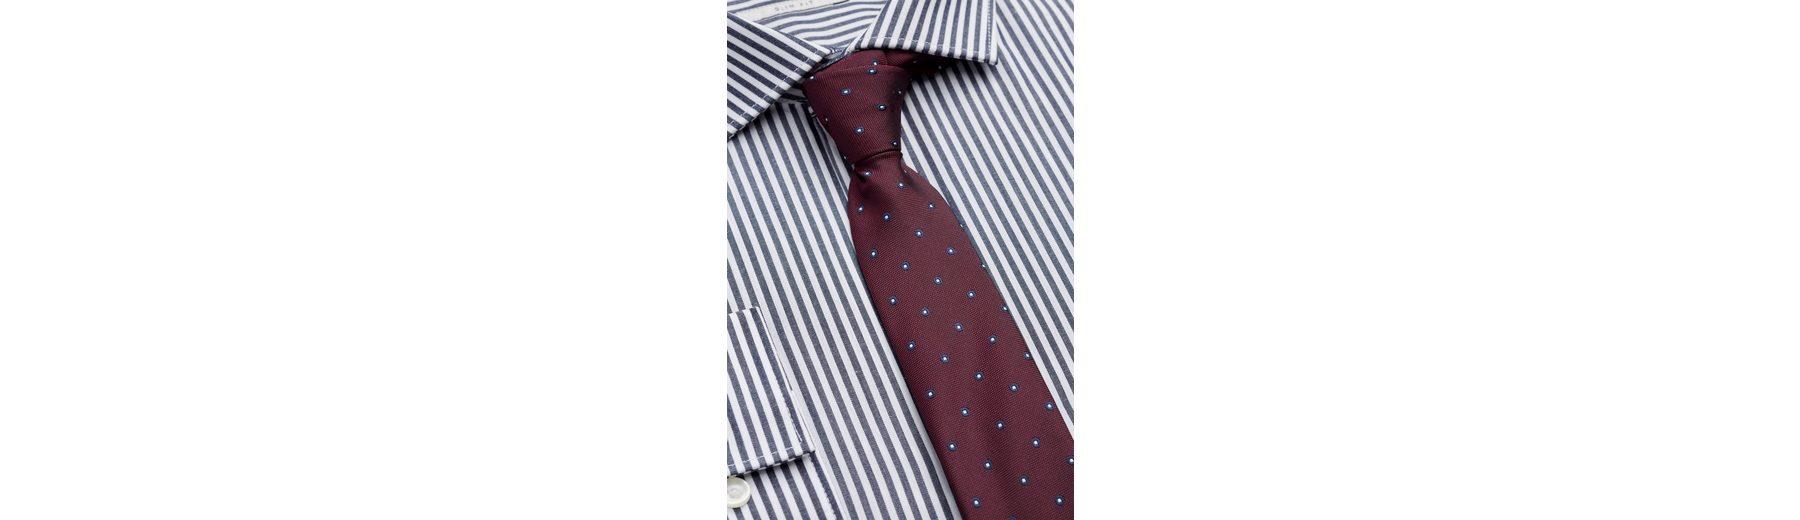 Next Slim-Fit-Hemden mit Bengal-Streifen im 2er-Pack mit Krawatte 3 teilig Die Besten Preise Günstiger Preis MKEcJVZ